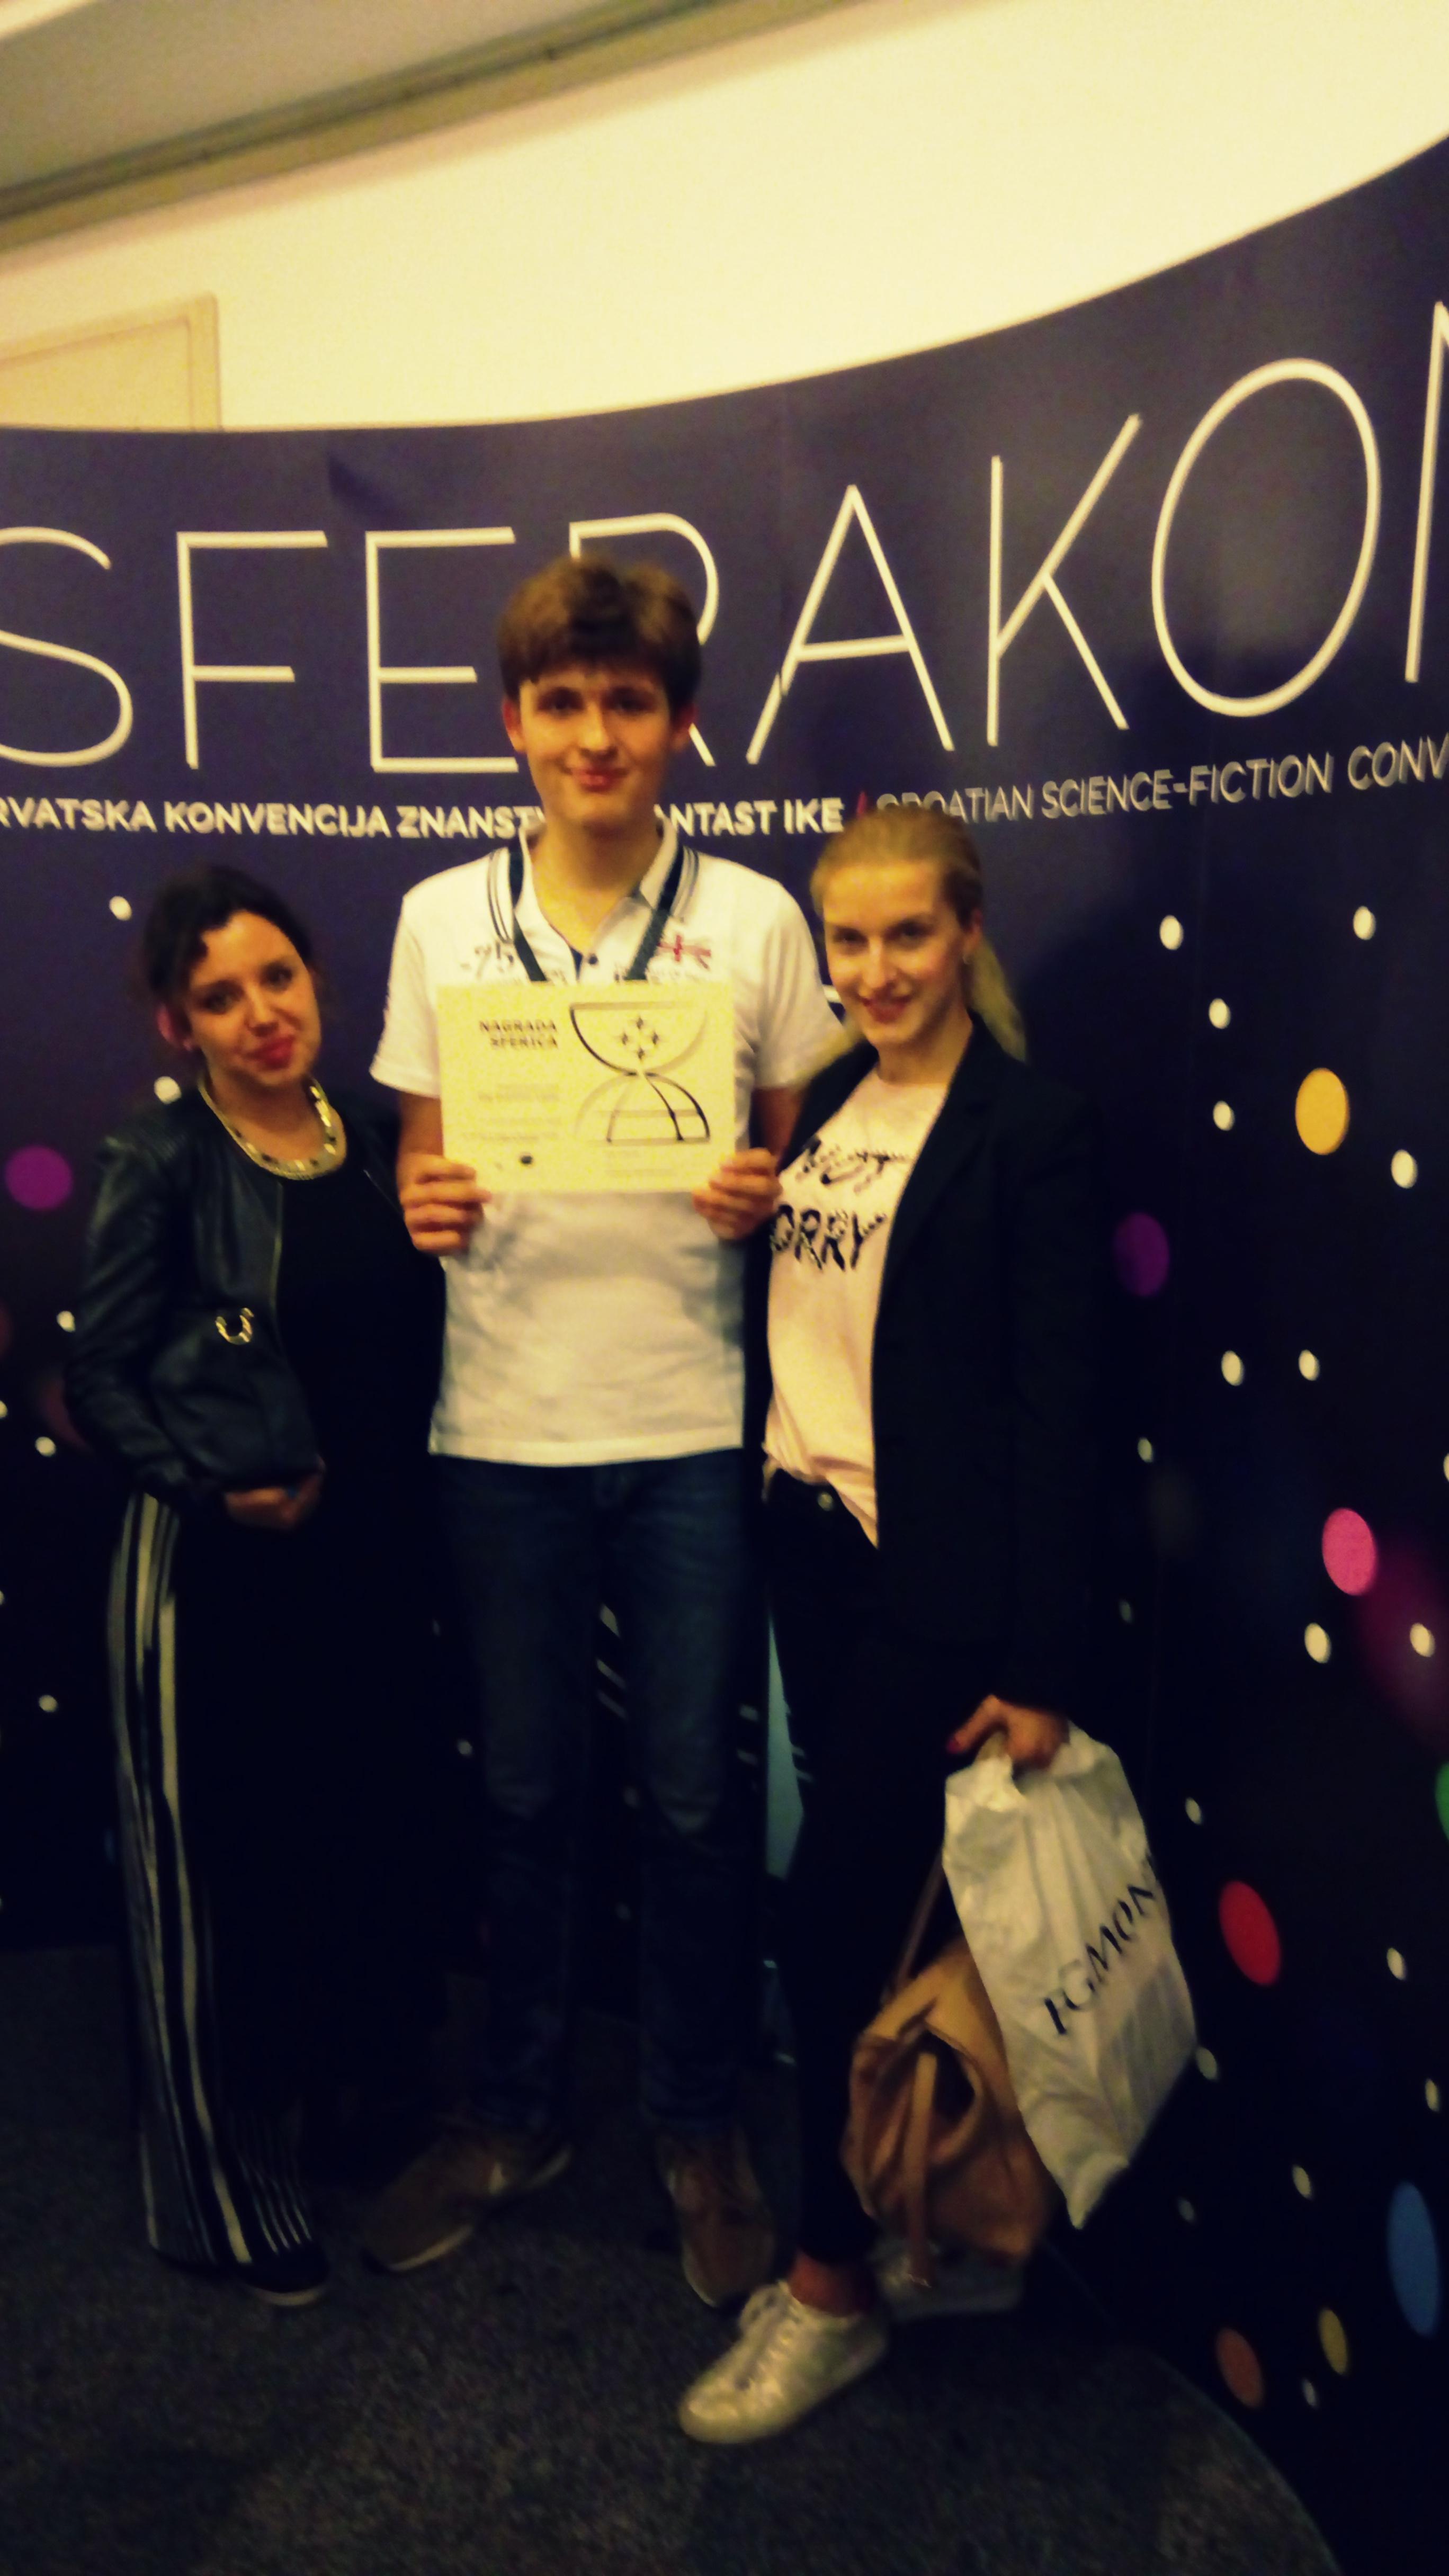 Naš učenik Gaj Zvonimir Lopac treći na SFerakonu, dobitnik nagrade SFerica